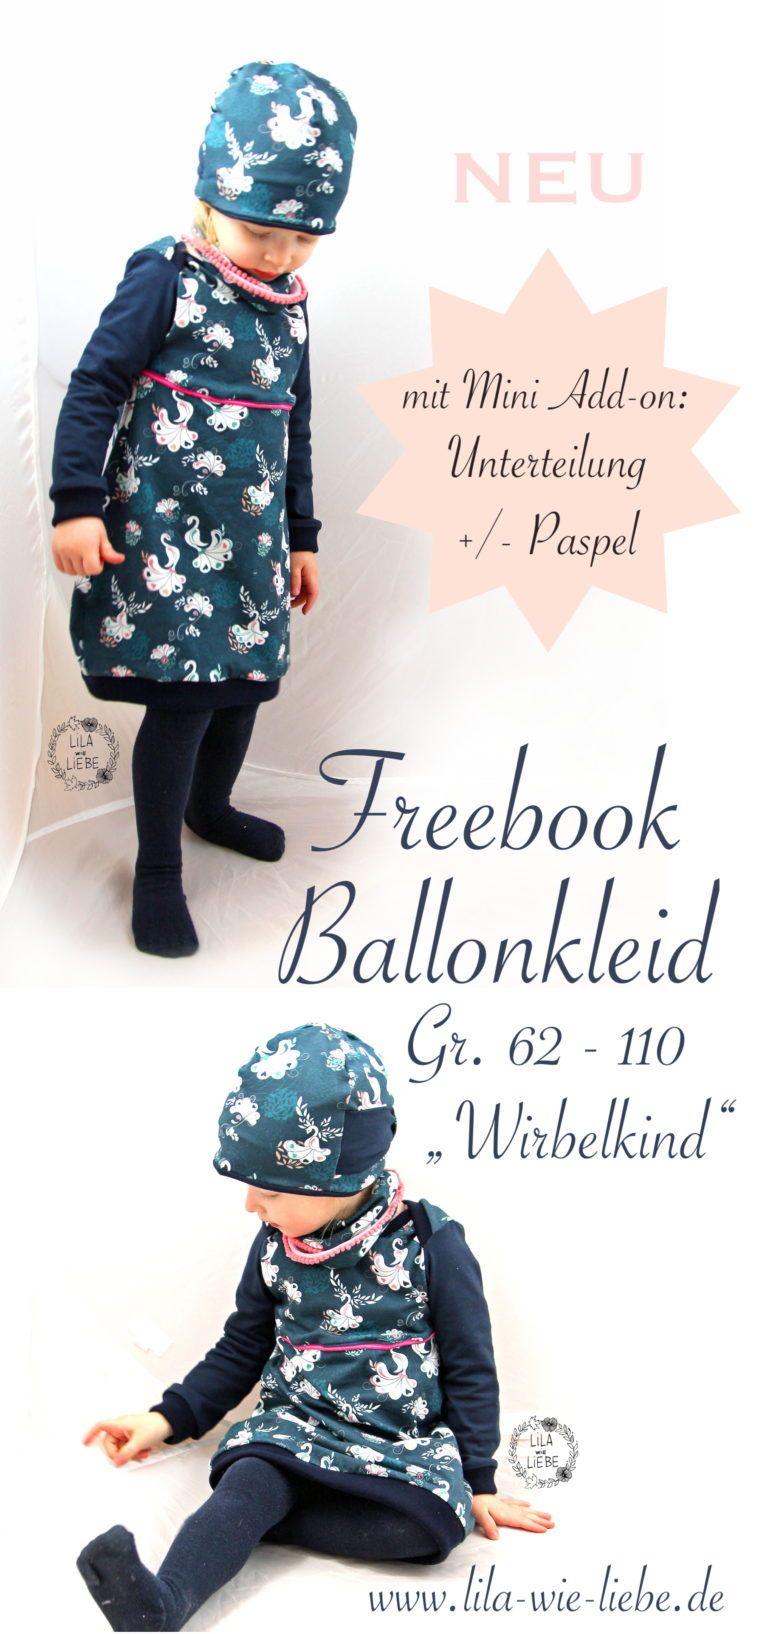 Ballonkleid für Kinder nähen - Freebook Wirbelkind Gr. 86-110 #keinekleidungnähen